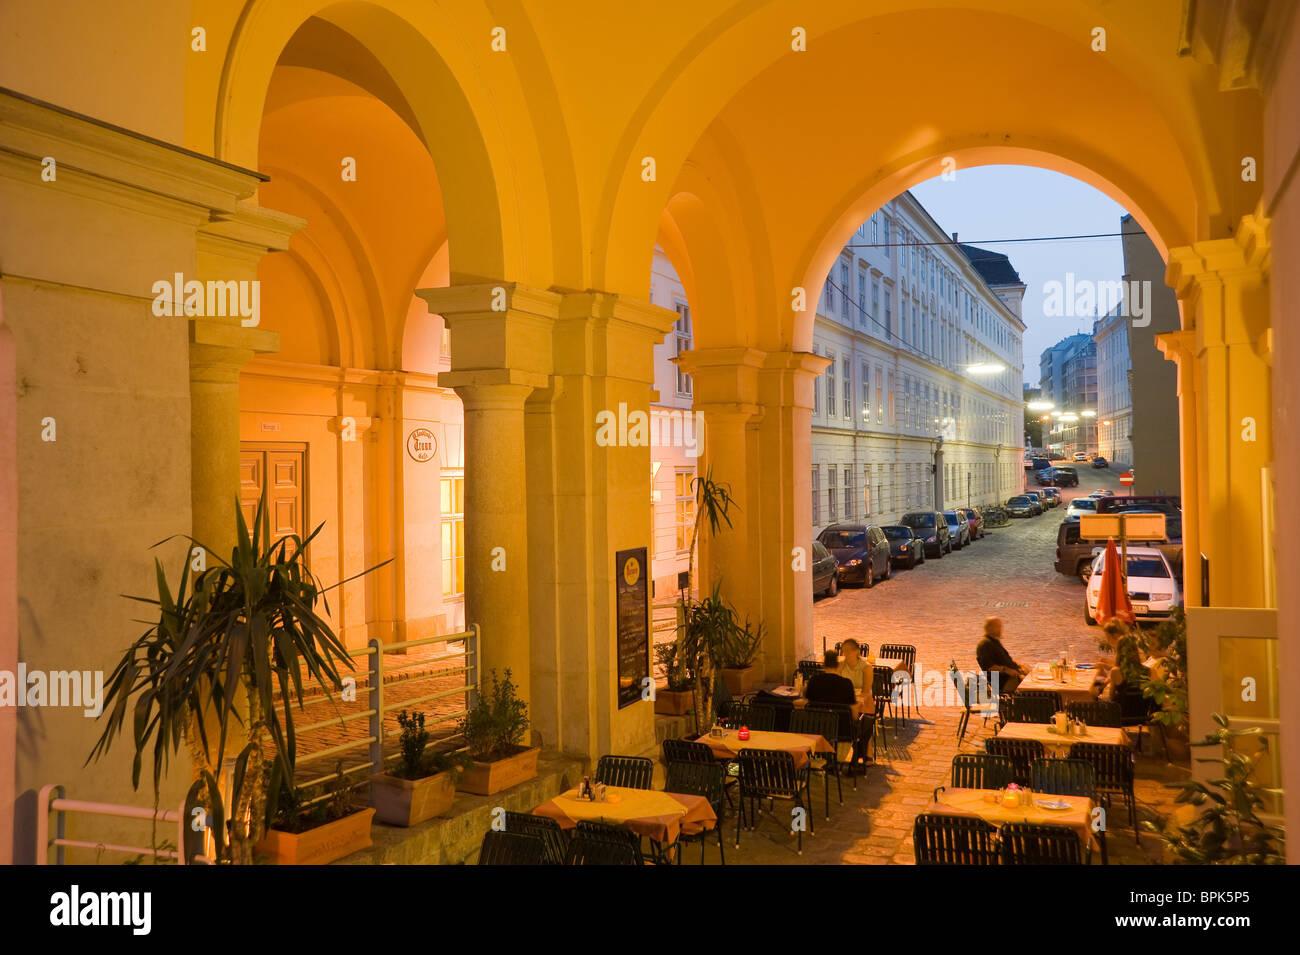 Wien, Abend - Stock Image